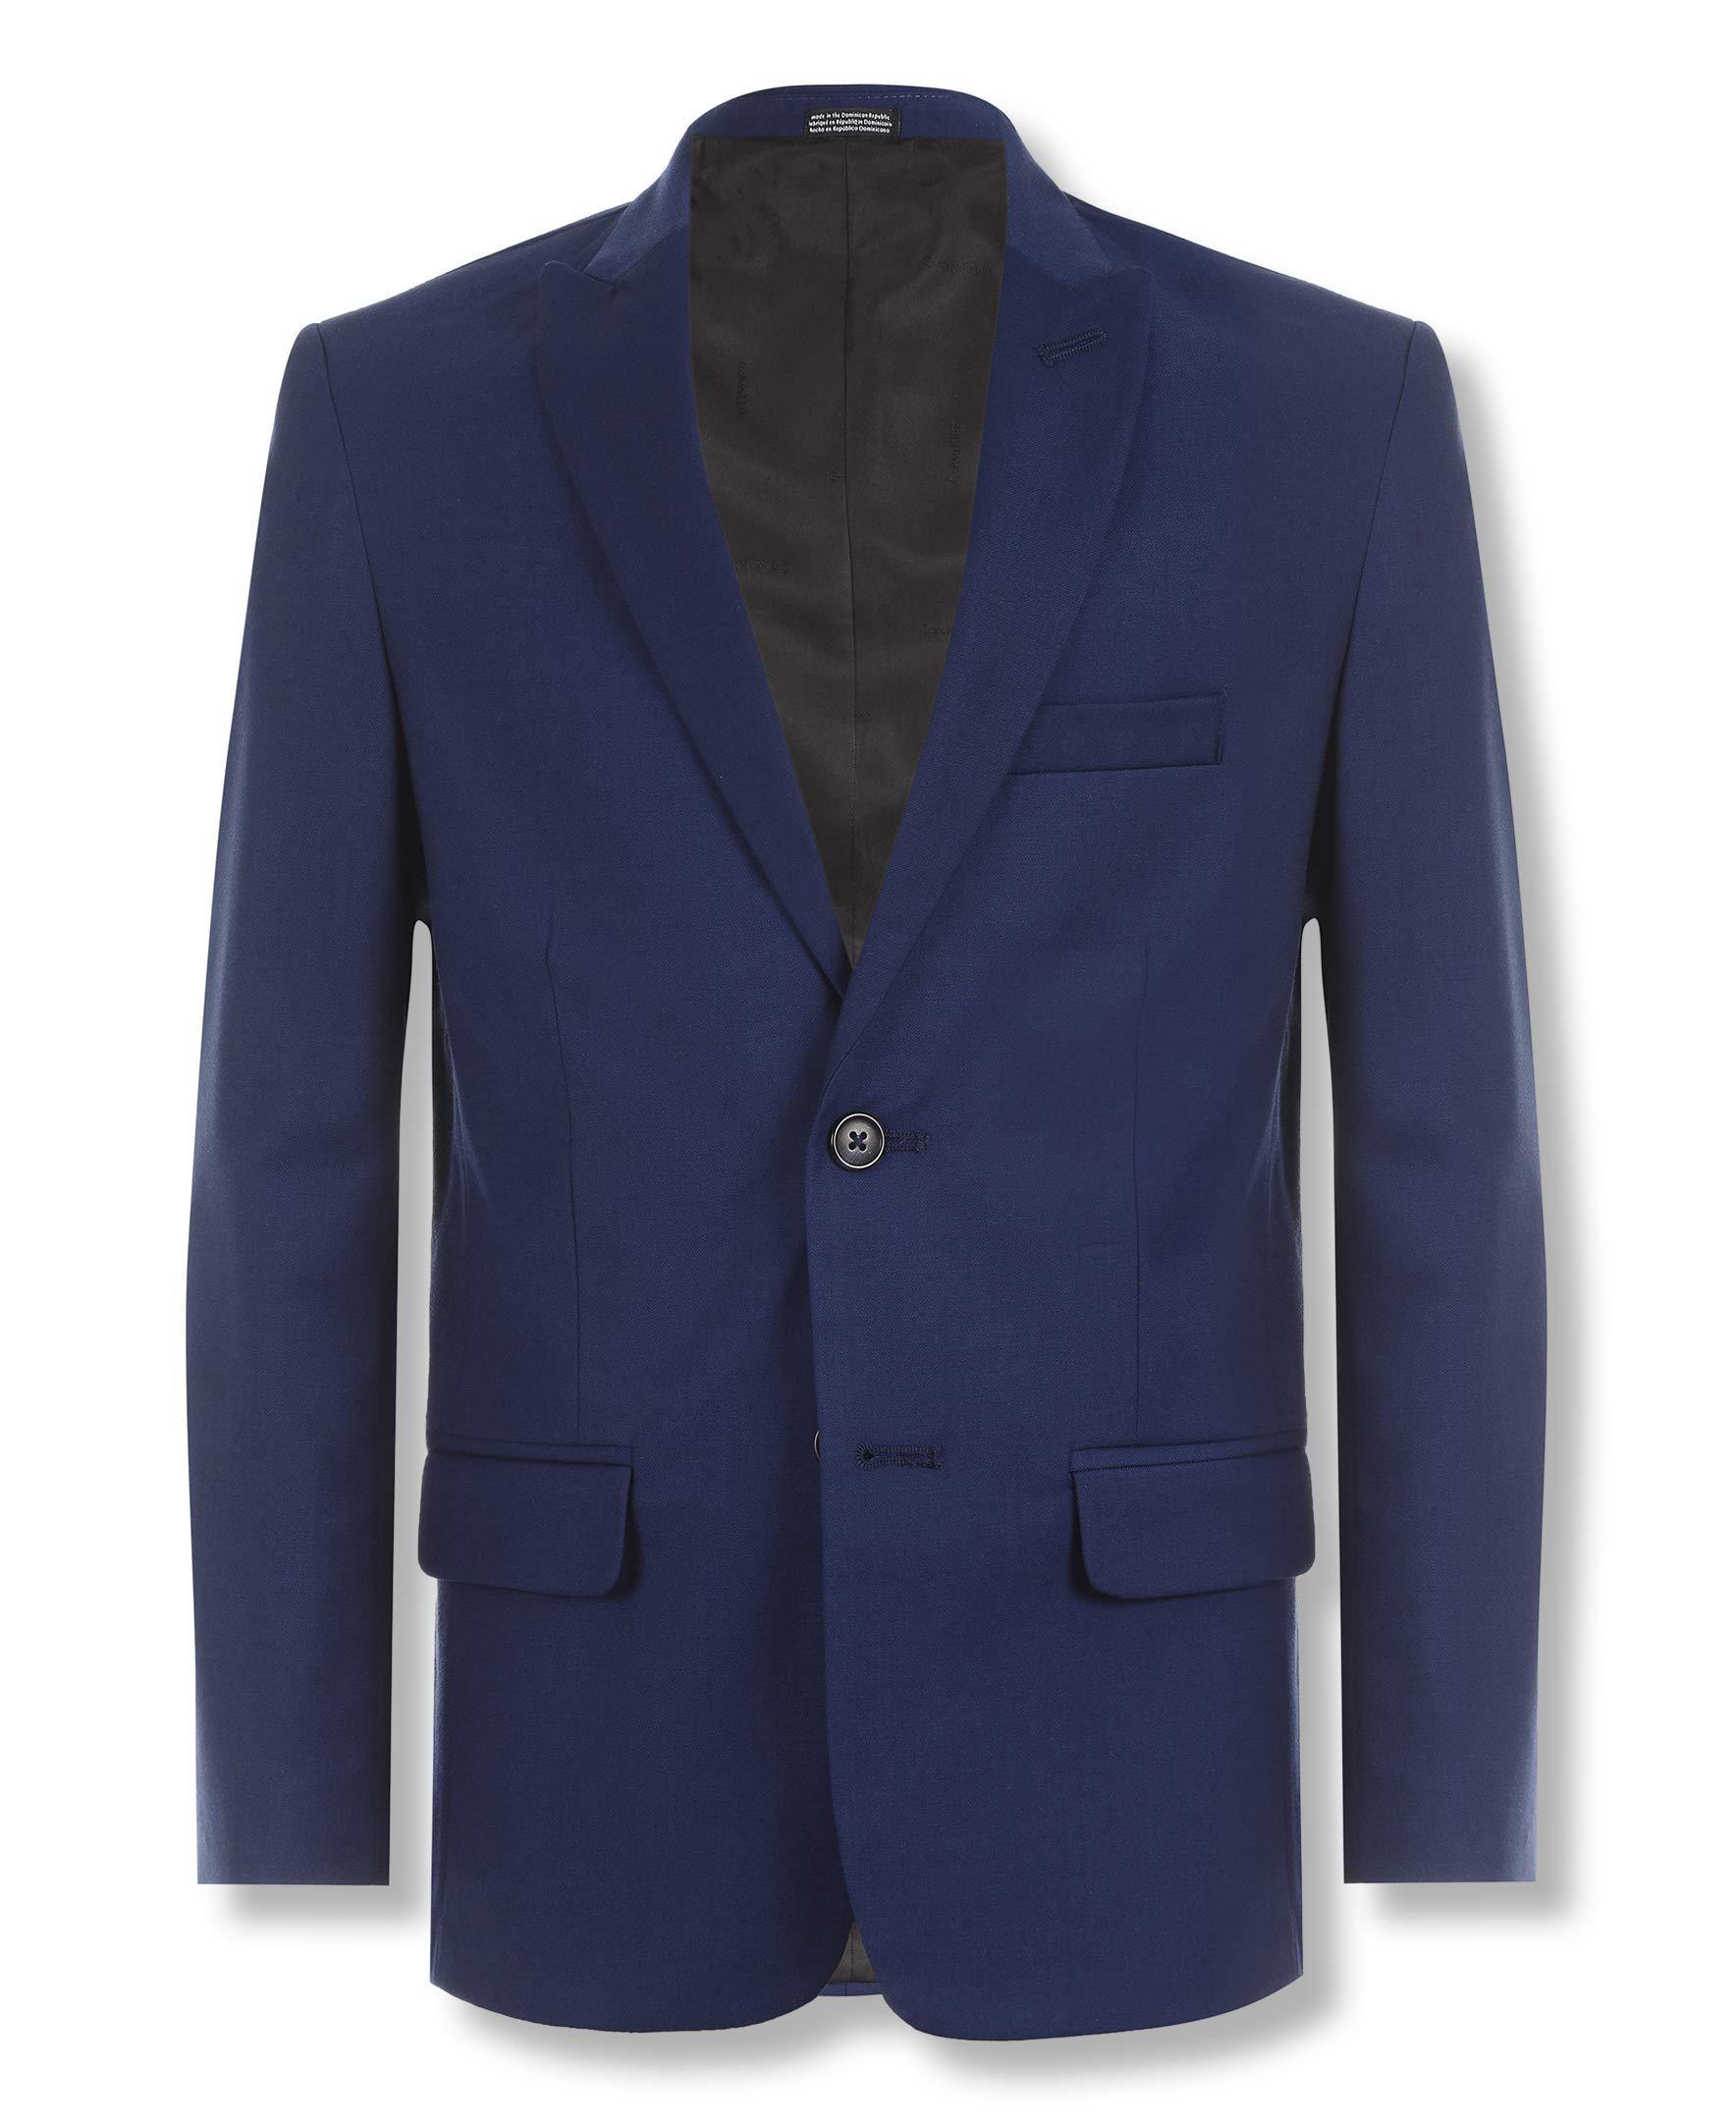 Calvin Klein Boys' Solid Blazer Jacket, Infinite Blue, 20 by Calvin Klein